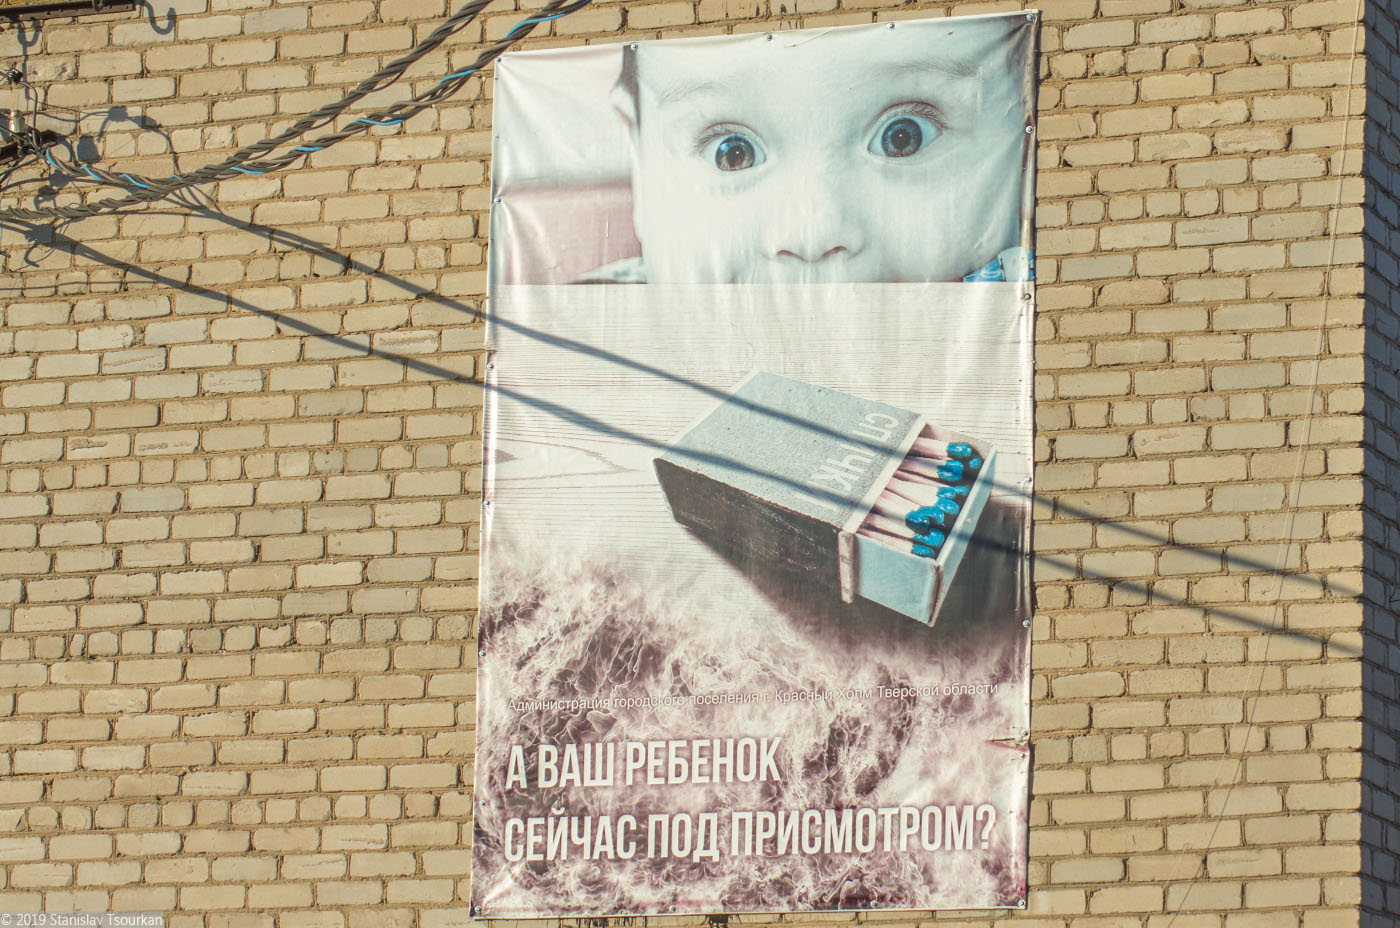 Красный Холм, дети, спички, социальная реклама